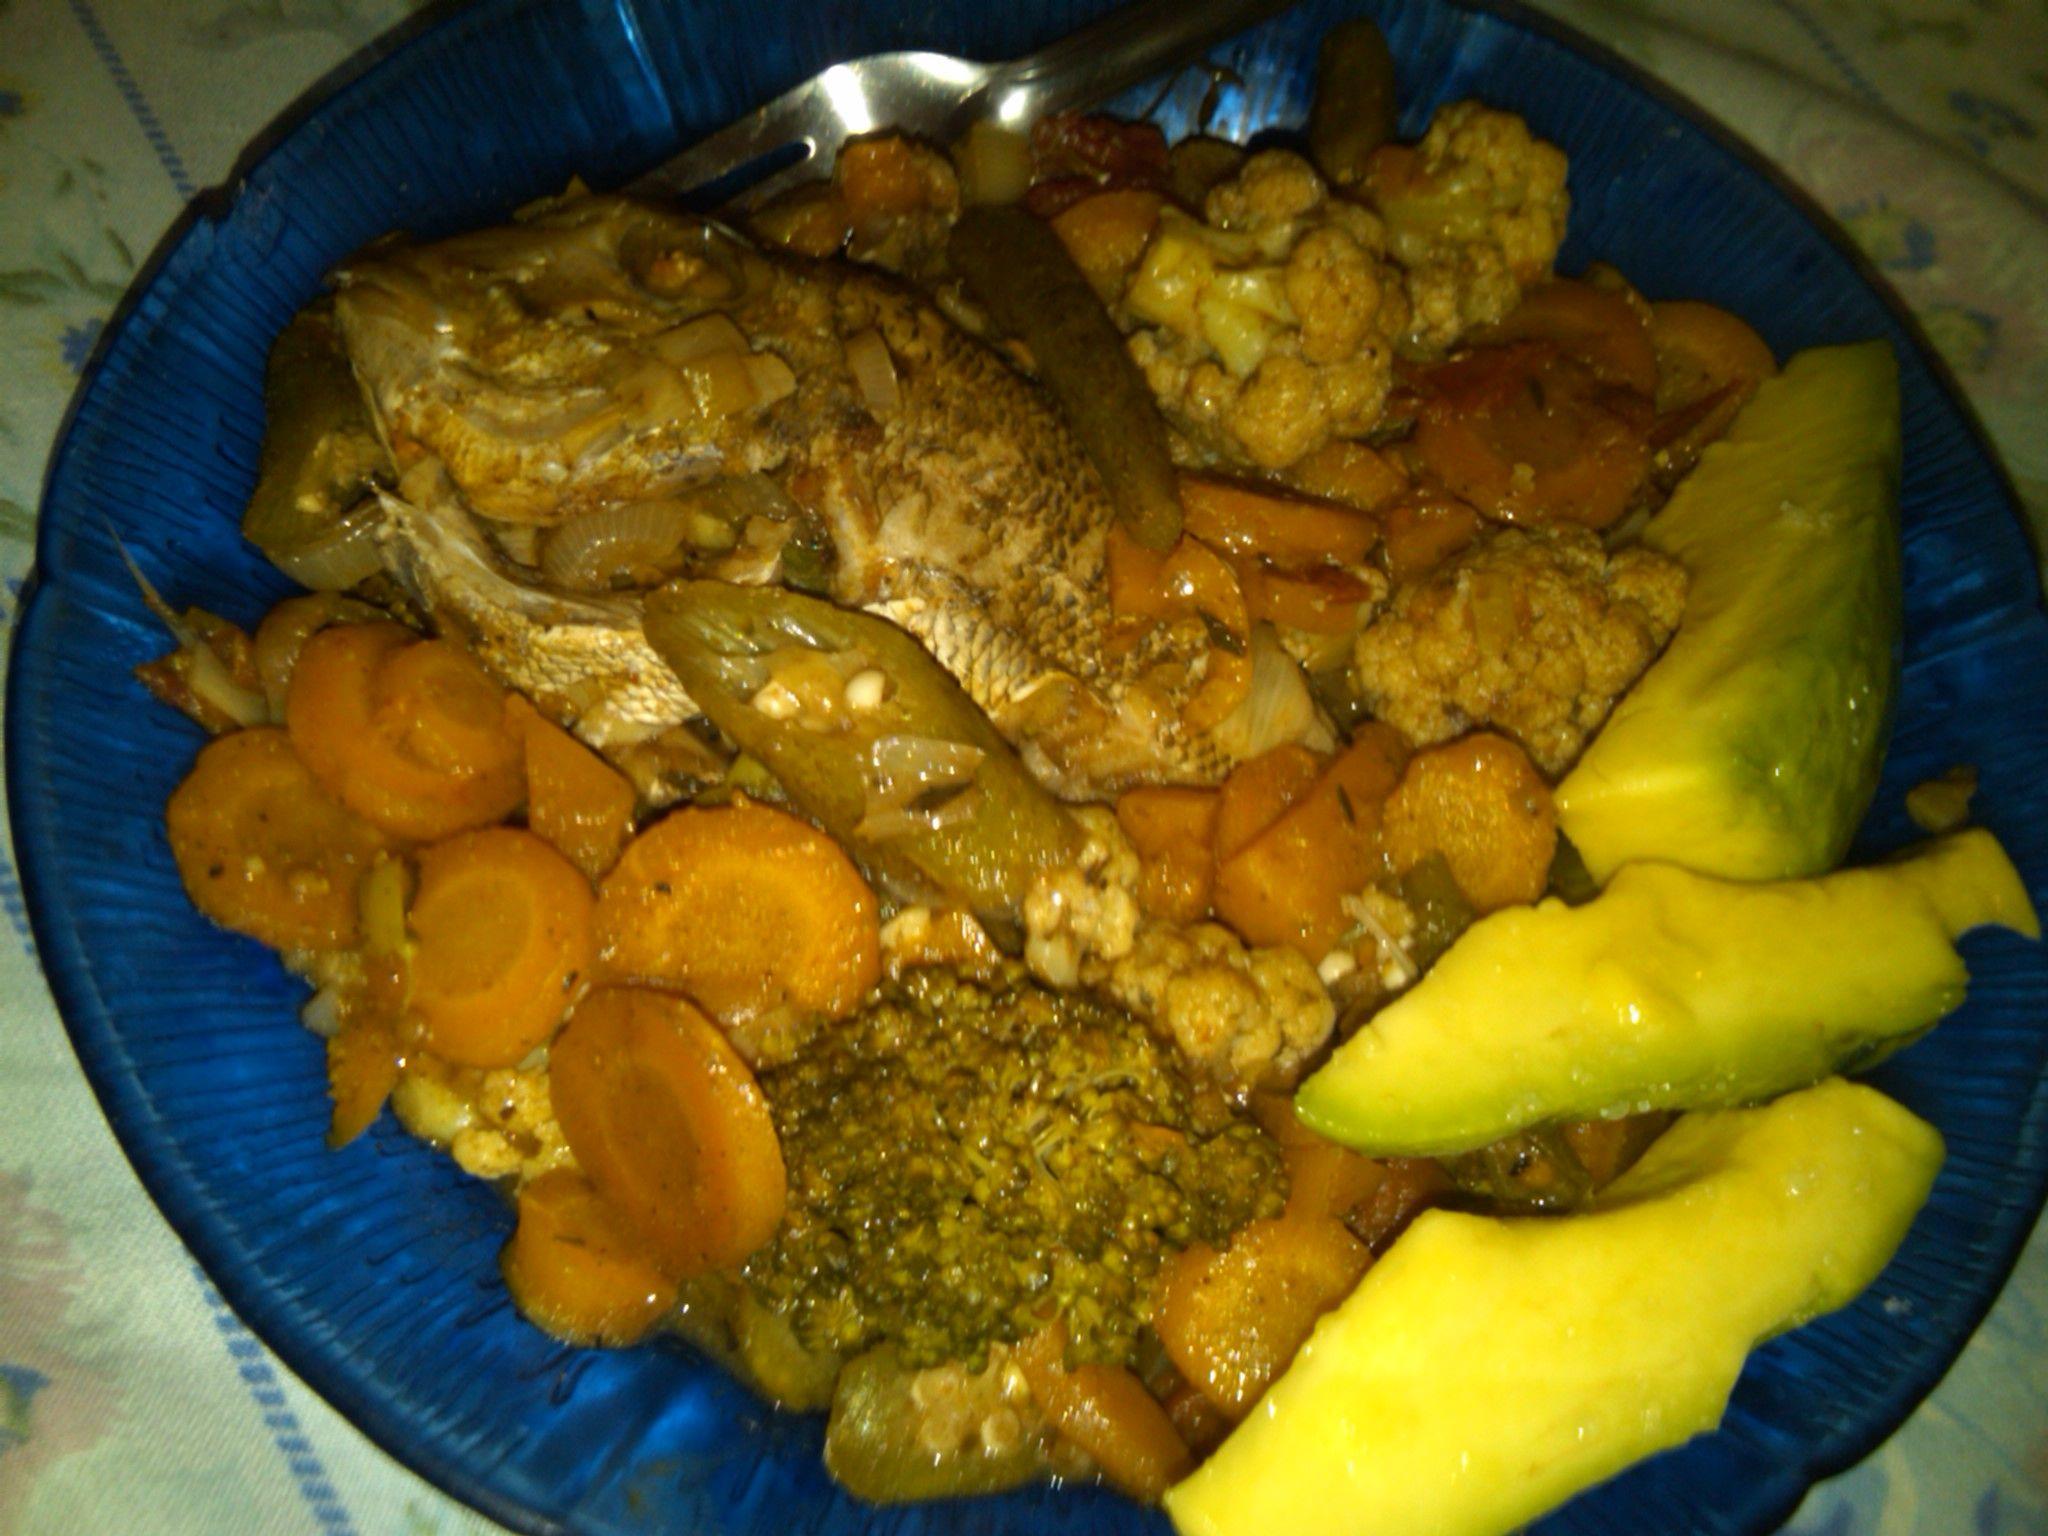 Steamed fish, broccoli, cauliflower.... n avocado